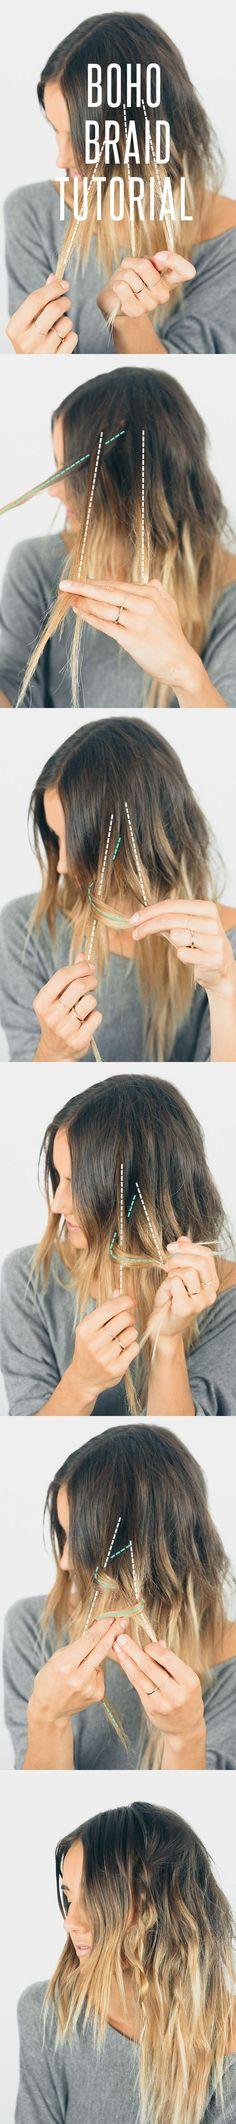 Effortless Boho Braided Hairstyle Tutorial